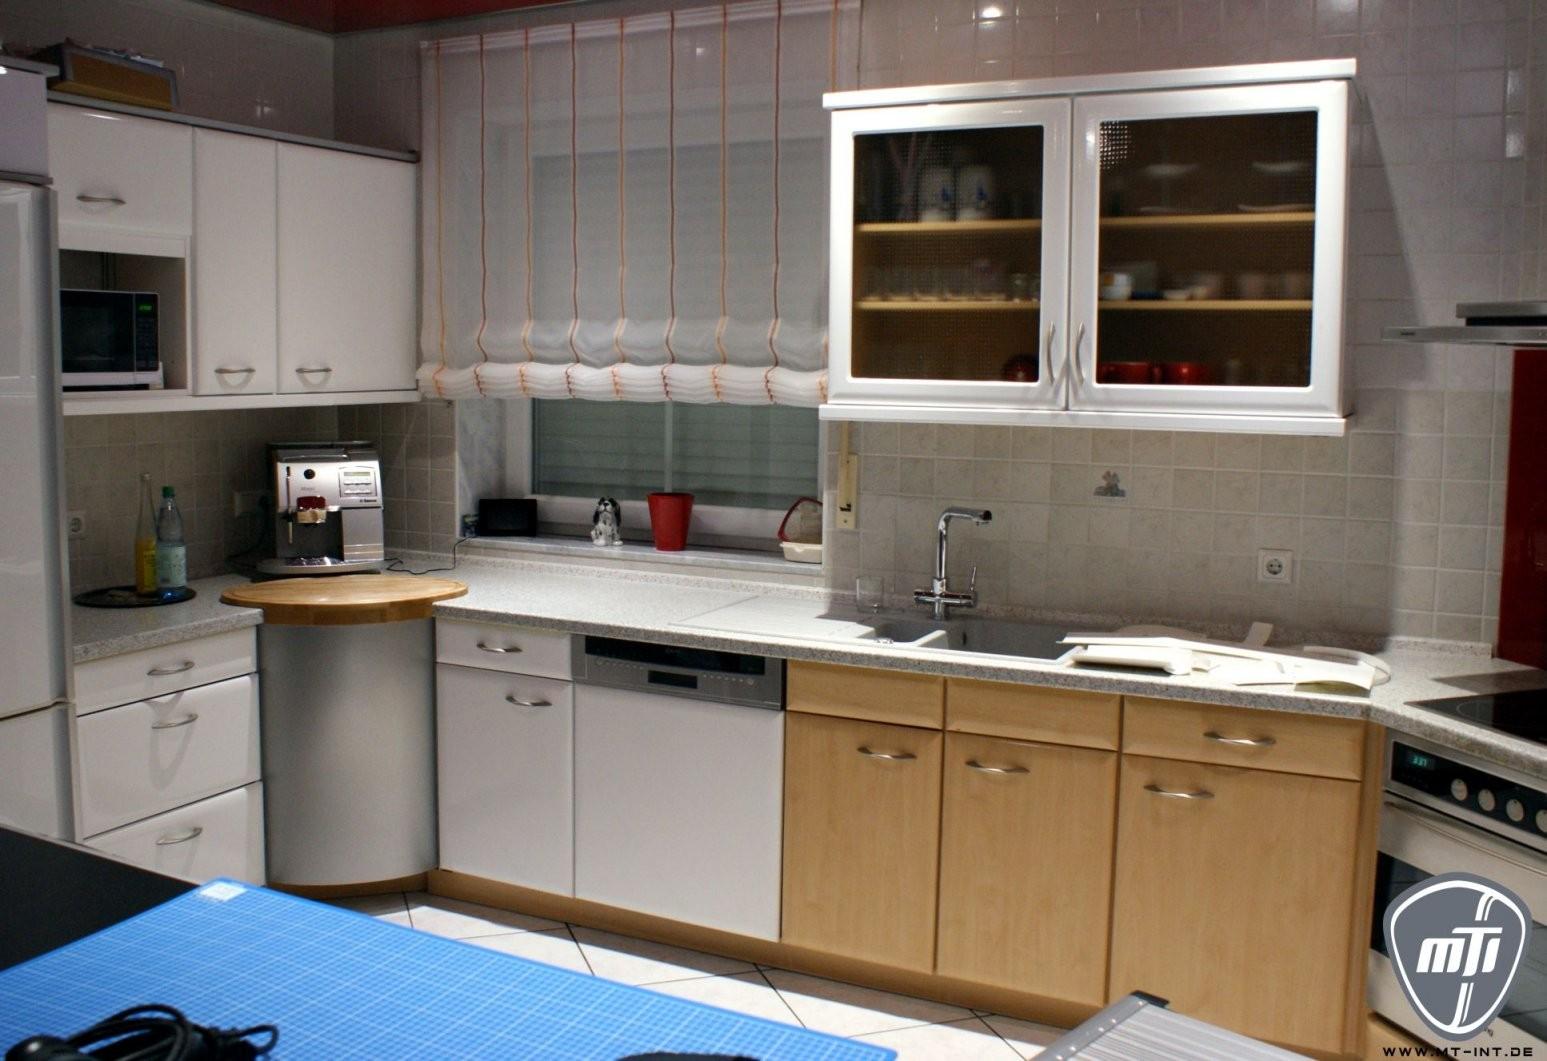 Küche Neu Folieren  Frische Haus Design Ideen  Unforgiven von Küche Folieren Lassen Kosten Photo